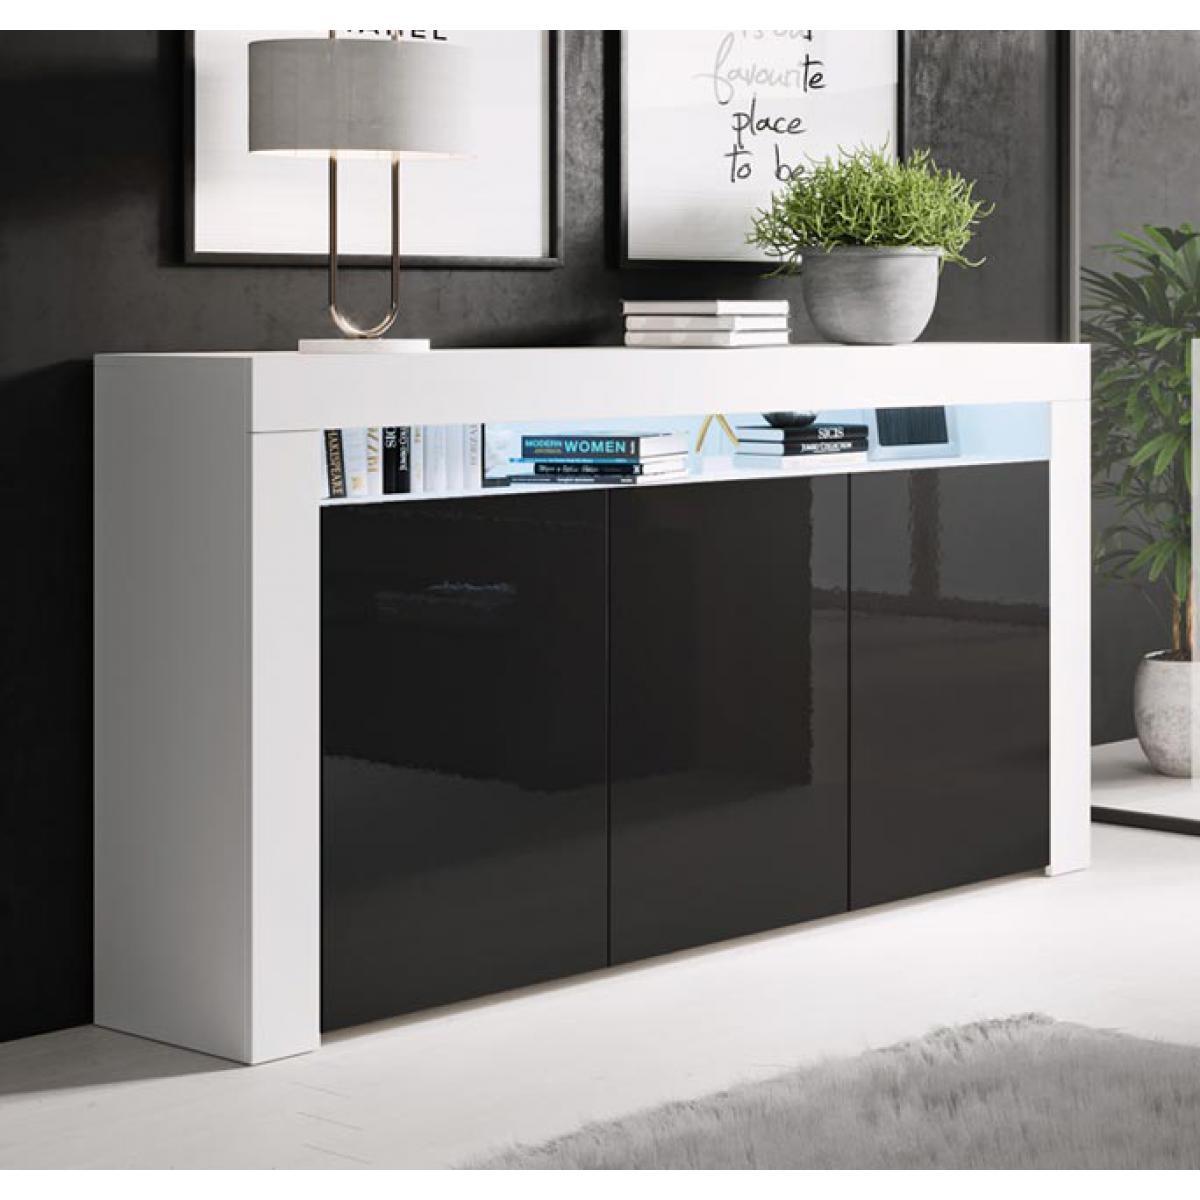 Design Ameublement Bahut modèle Aker couleur blanc et noir